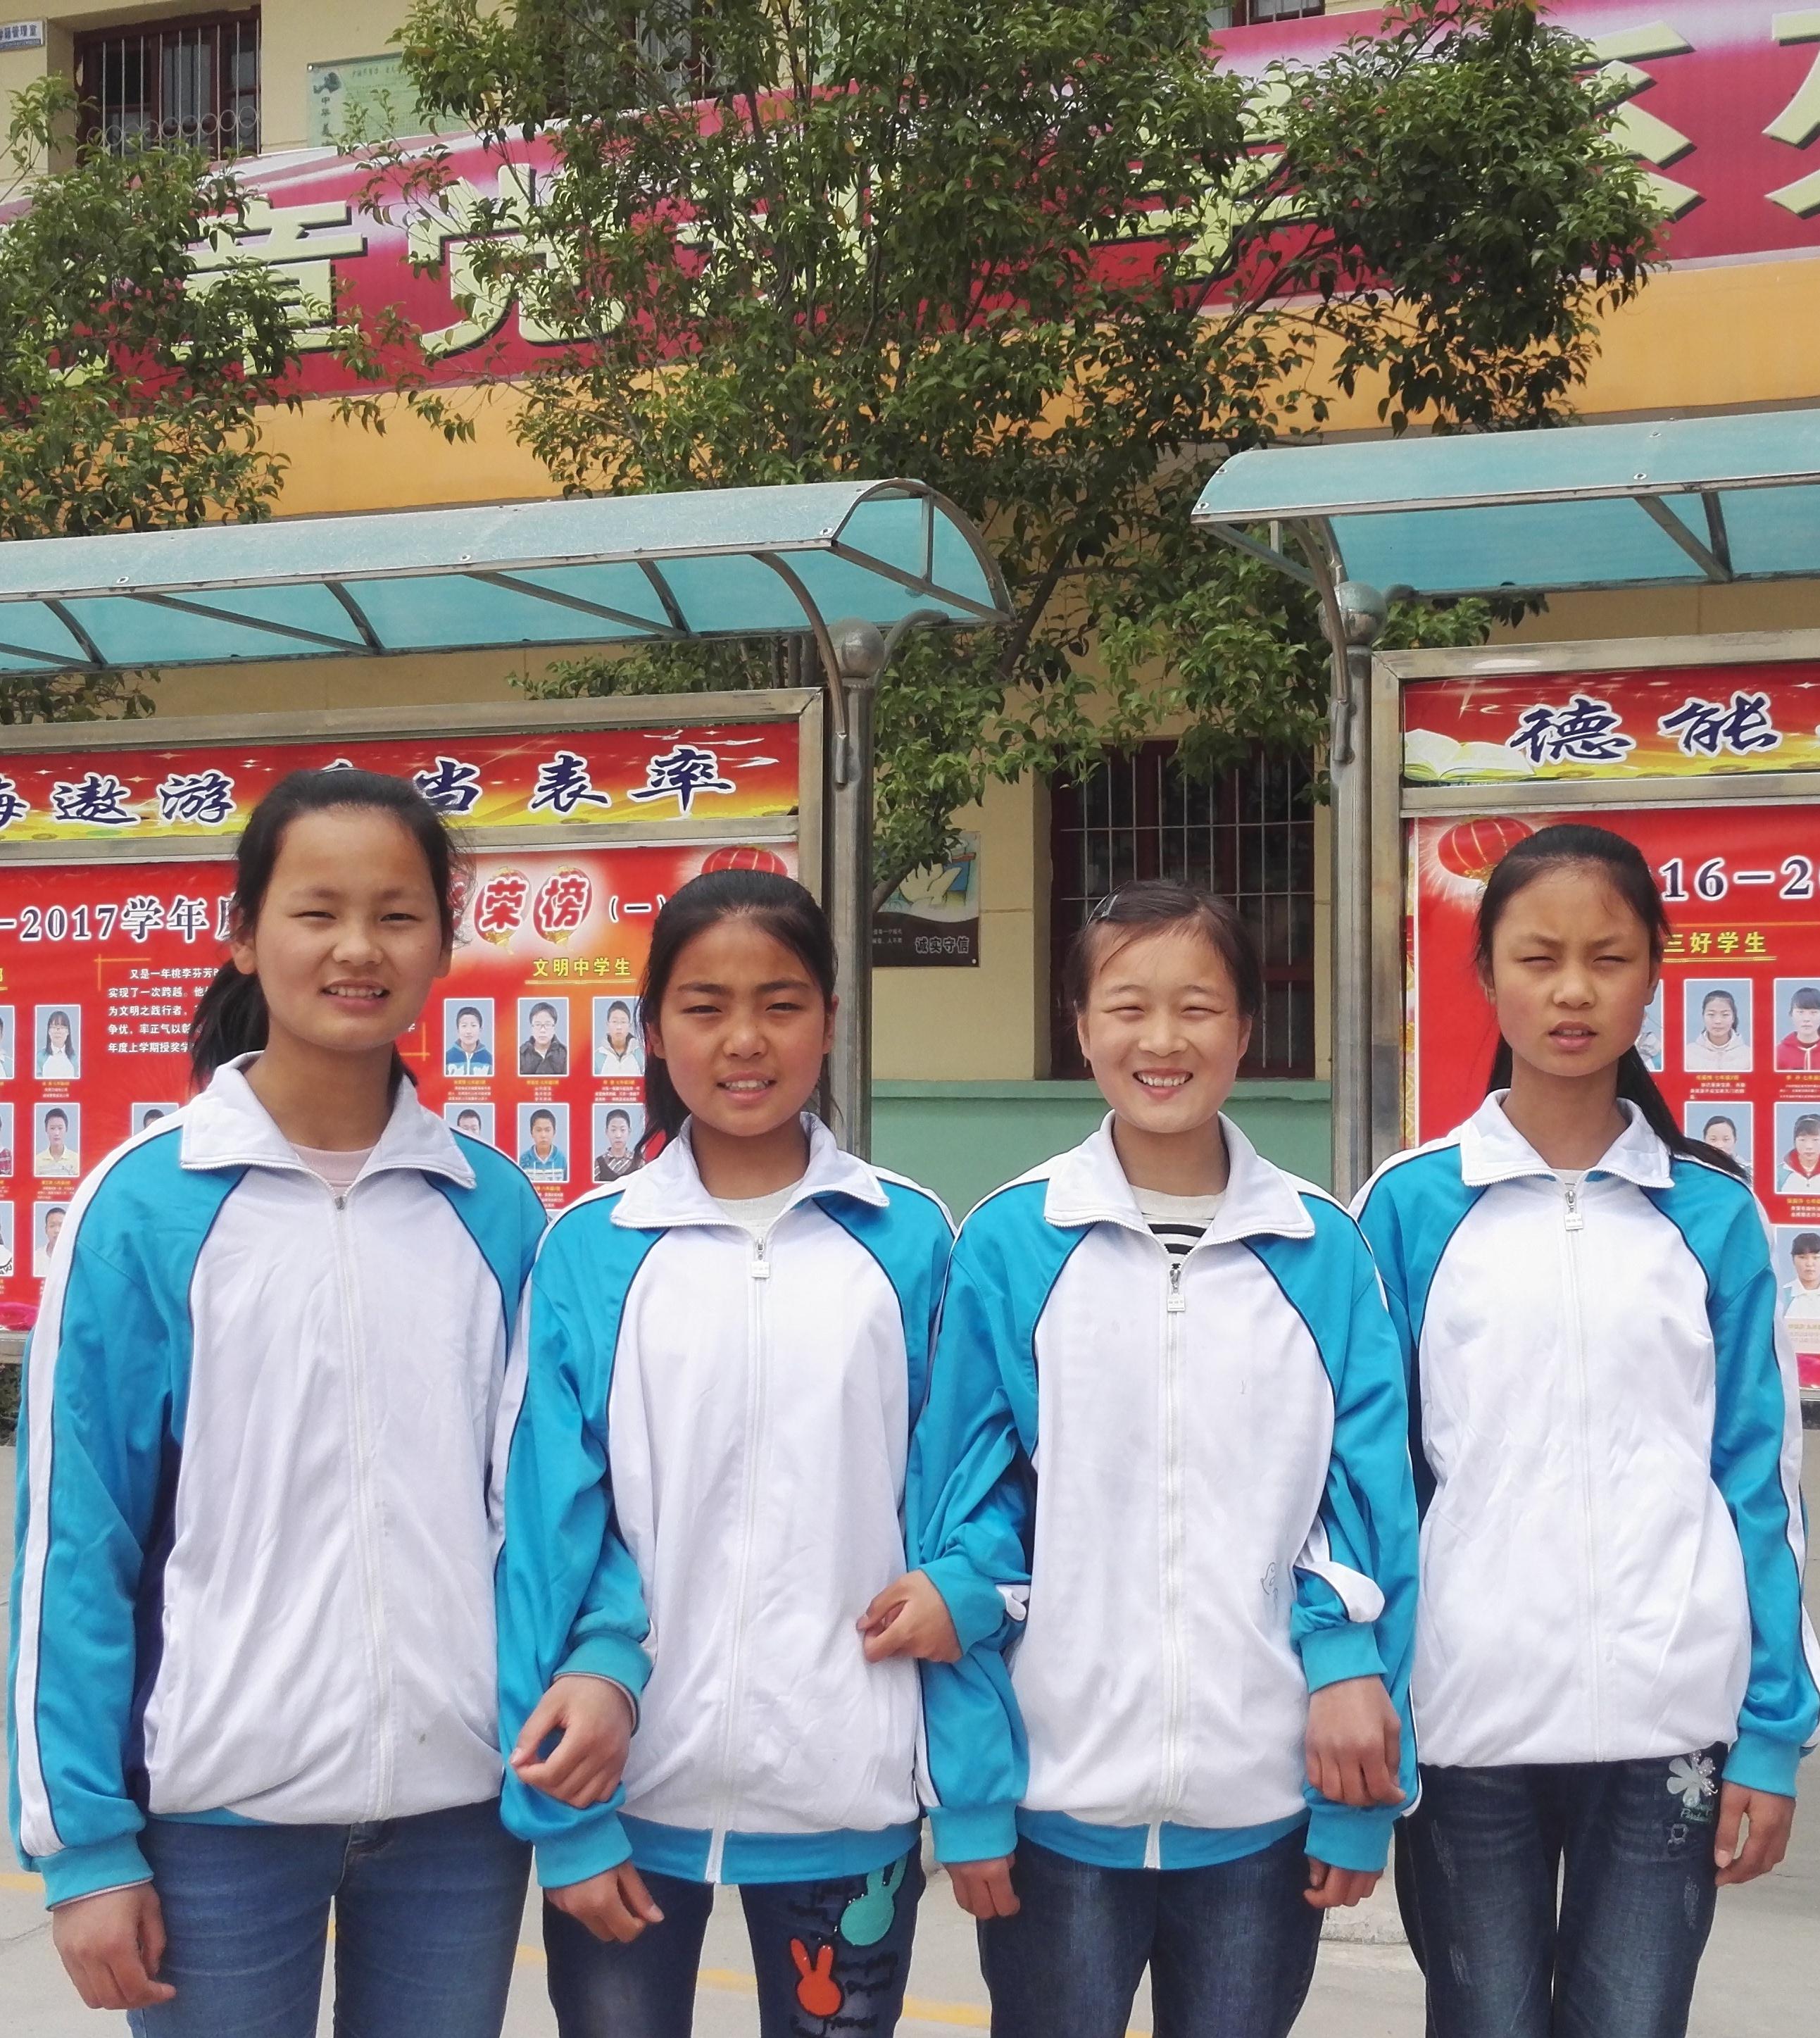 由左到右:韩银芝、任茹悦、韩乐、彭玉茗。.jpg